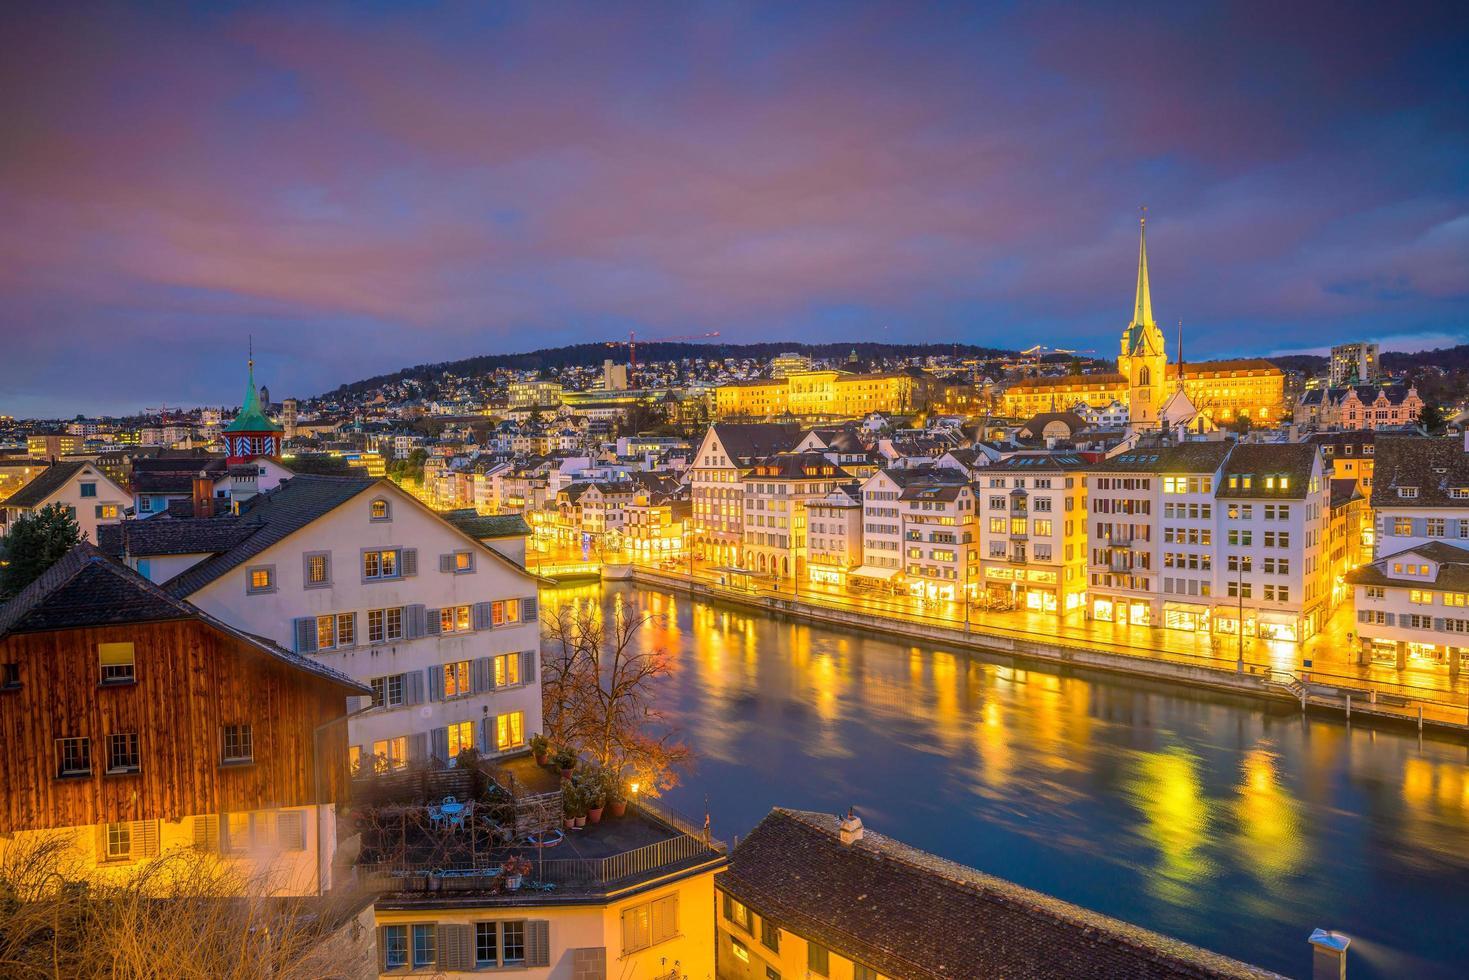 Paysage urbain du centre-ville de Zurich en Suisse photo